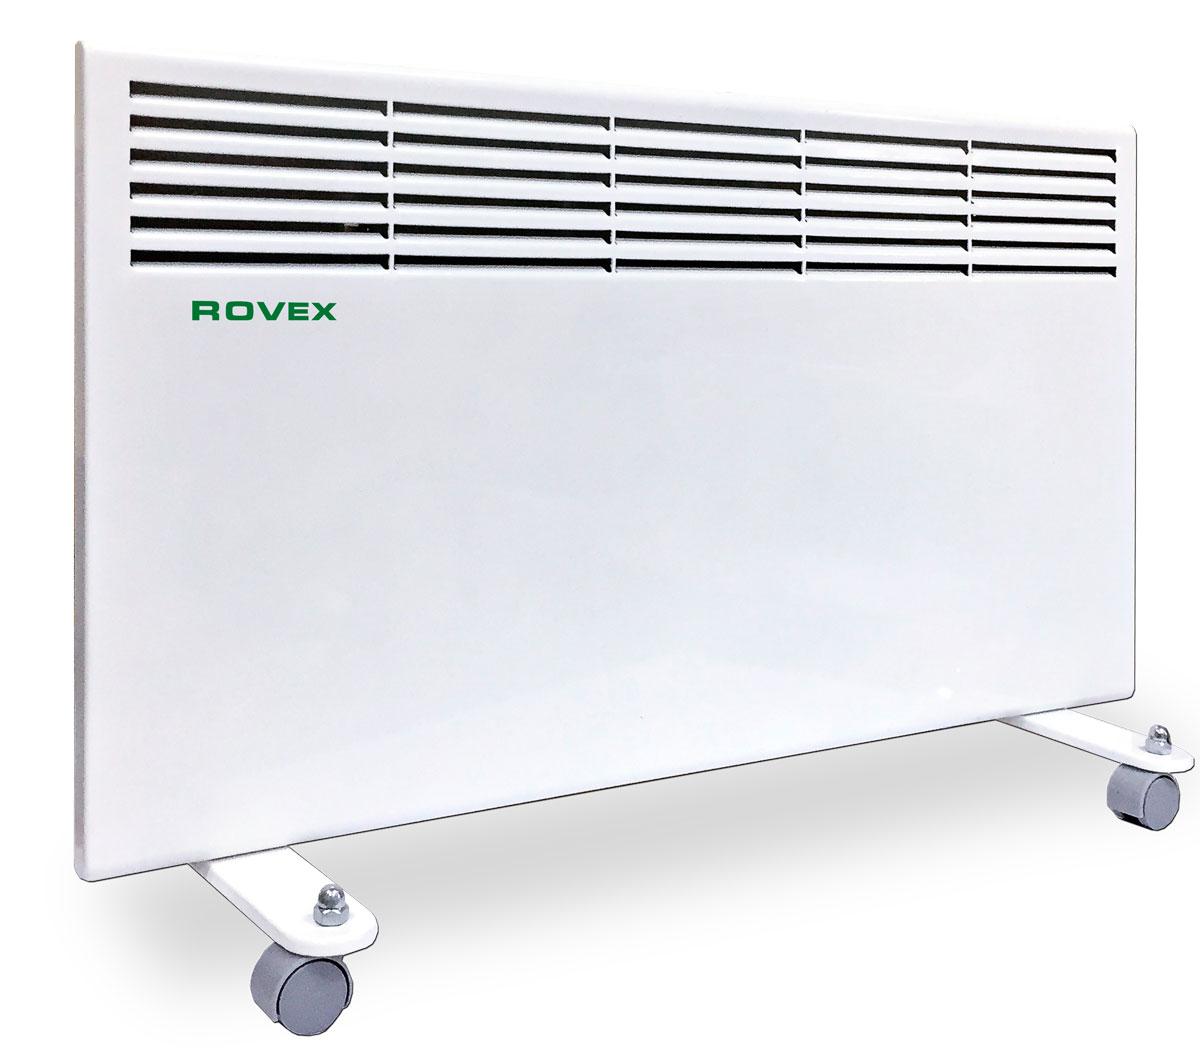 Rovex RHC-1600 конвекторRHC-1600Конвектор Rovex RHC-1600 электрический серии «Omega» представляет собой теплообменник с ТЭНом - электронагревателем, к которому поступает холодный воздух. После происходит процесс нагревания и по стальной трубке выходят теплые потоки воздушных масс. Принцип работы конвектора электрического заключается в безопасном нагревании воздуха, поступающего в прибор посредством конвекции.Конвекторы отопления электрические обладают преимуществами:Высокой производительностью и эффективностью. КПД таких приборов составляет 95%. Конвектор отопления прогревает воздух равномерно и моментально, когда его включили в сеть.Безопасностью. Электрические обогреватели такого типа считаются самыми безопасными. Конвекторная система отопления устроена так, что воздушные массы в теплообменнике постоянно циркулируют и не превышают безопасных 60 °C. Прибор можно использовать даже в детской комнате. А о пожаре и мысль не возникнет! Конвекторный обогреватель автоматически отключается, если его уронить.Малогабаритностью. Устройство может настенным и напольным. В серию Omega входят универсальные приборы, которые возможно разместить и на полу, и на стене.Бесшумной работой, без выделения запахов.Простотой использования. Конвектор электрический с терморегулятором, им можно легко установить нужную температуру.Беспроблемной установкой. Конвектор электрический настенный можно сразу эксплуатировать после покупки.Невысокой стоимостью. Многие решаются купить конвектор еще потому, что радует его цена, по сравнению с котлом или радиатором.